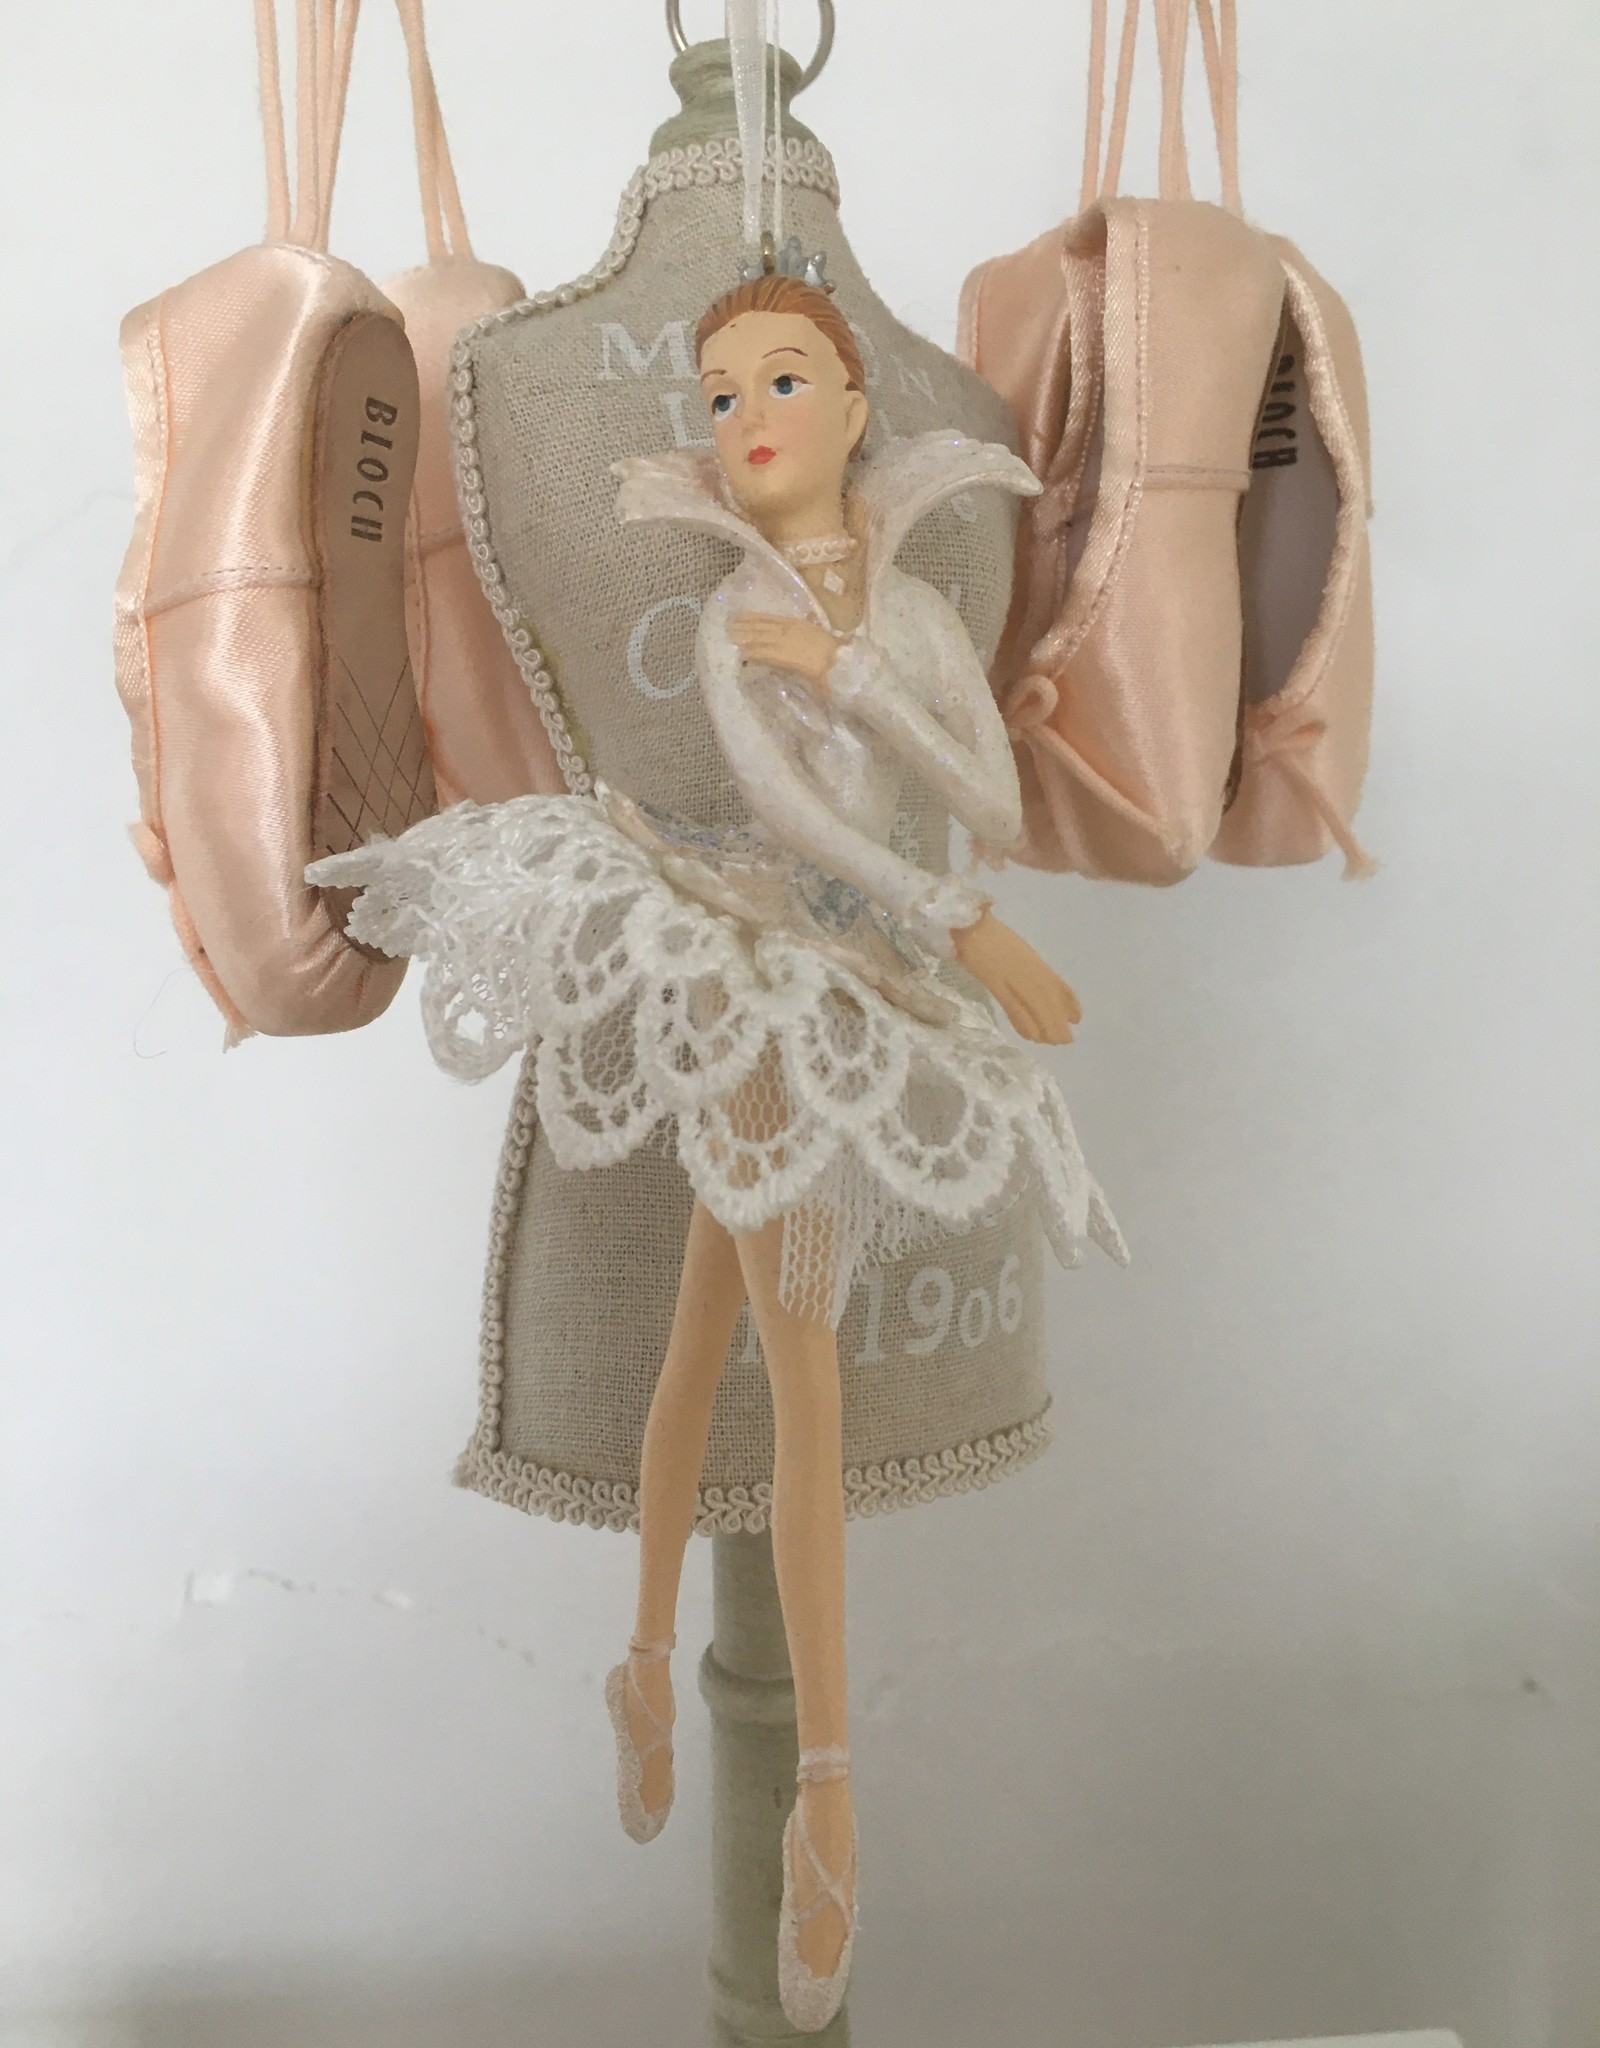 Goodwill Goodwill porseleinen ballerina hanger wit kant